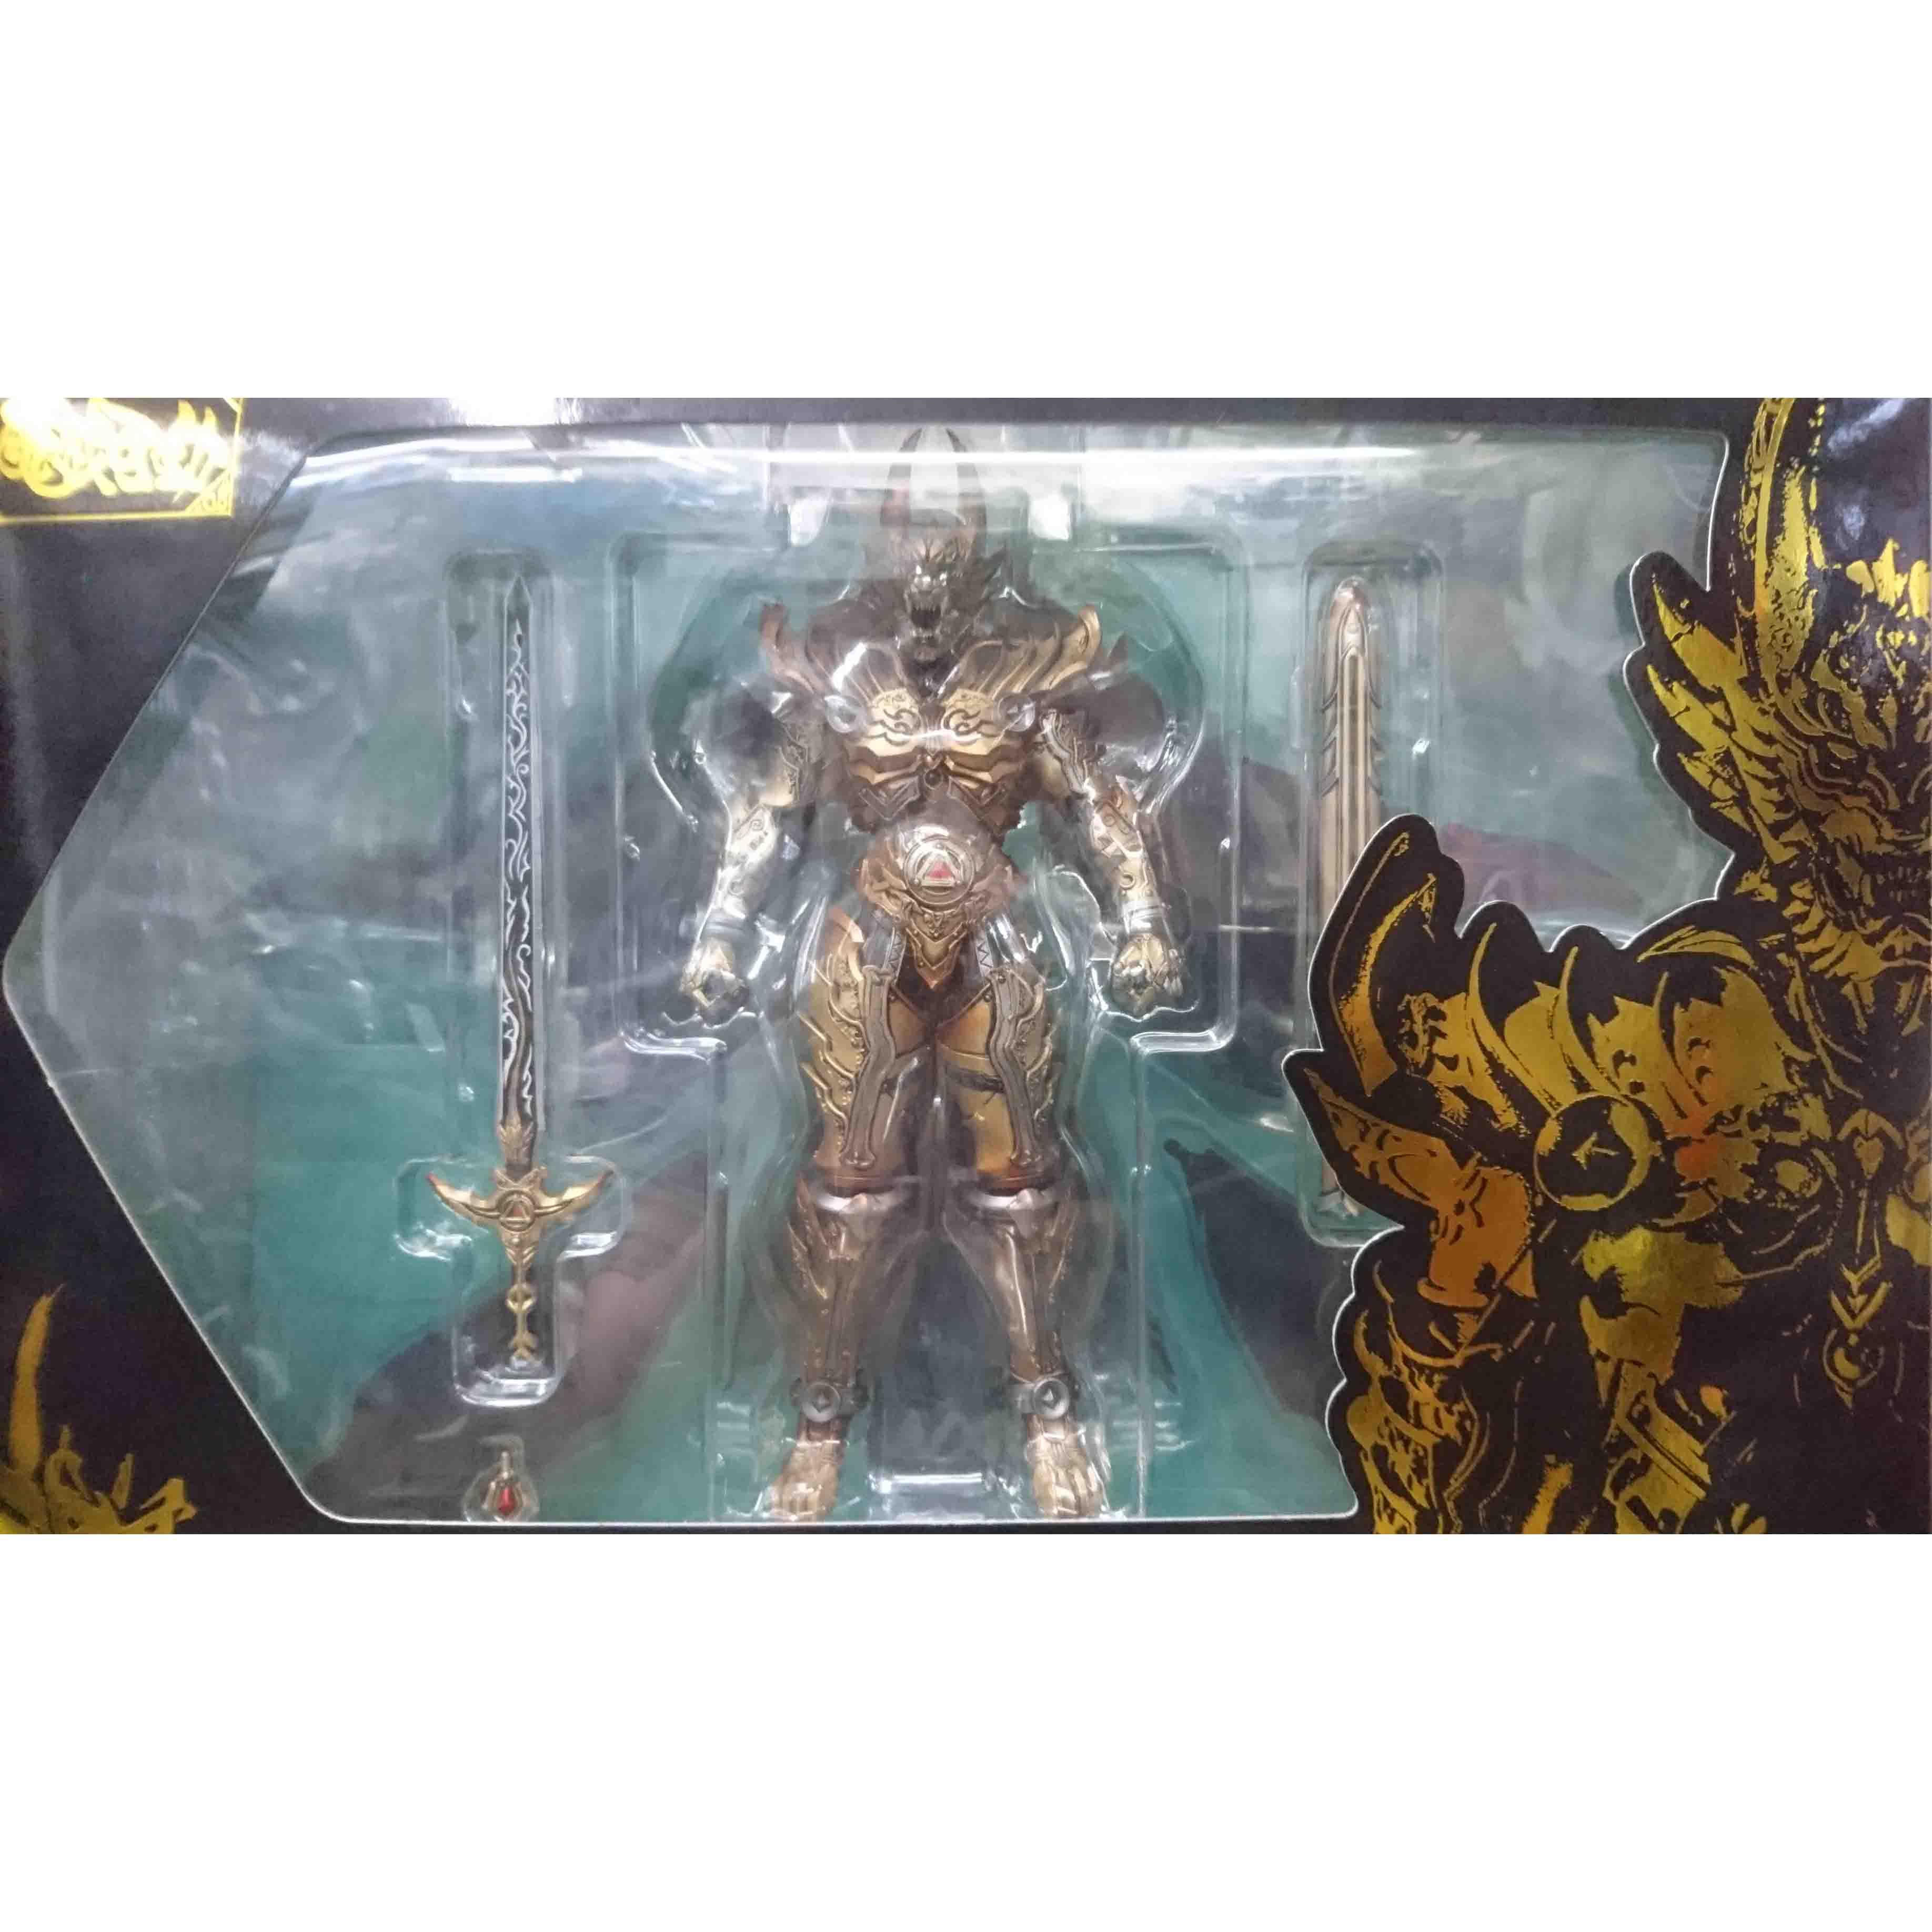 魔戒可動 黃金騎士 牙狼 GARO(冴島鋼牙),益祥模型玩具 外盒實際拍攝照片。